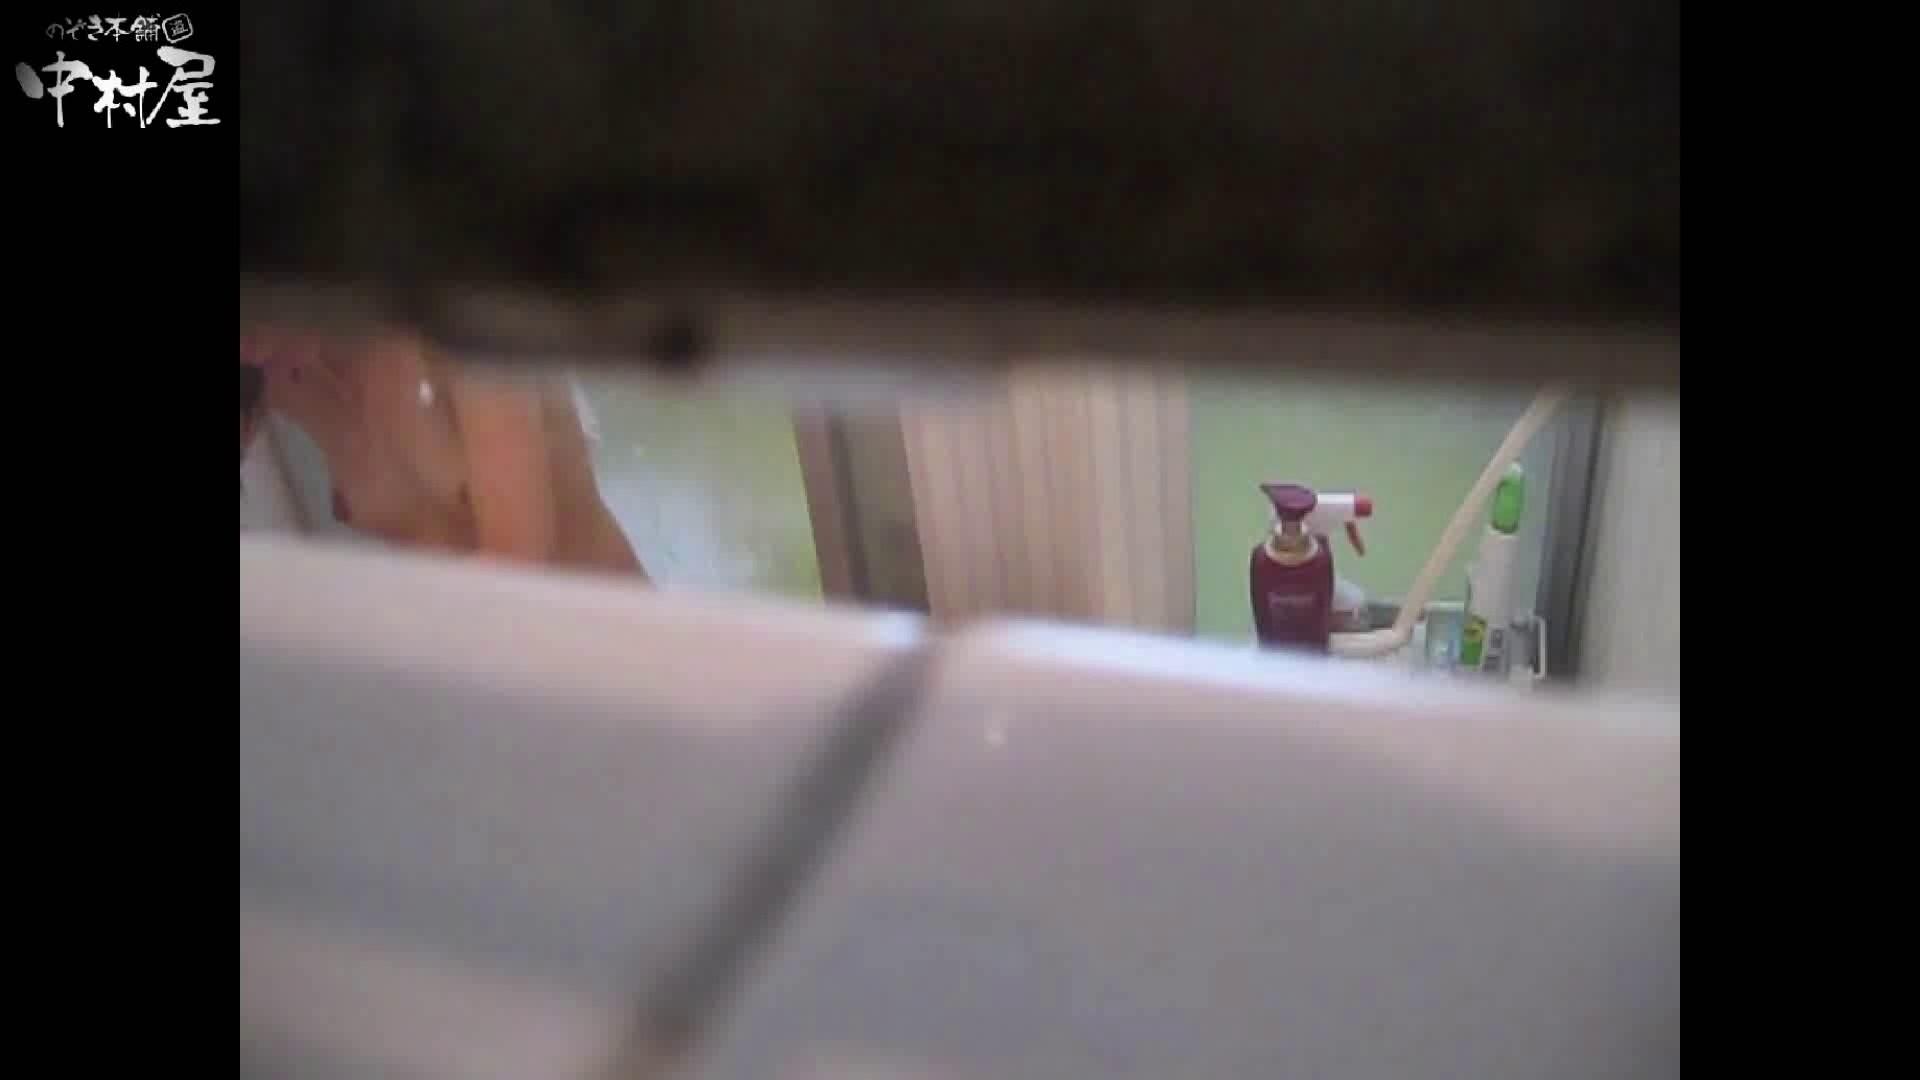 民家風呂専門盗撮師の超危険映像 vol.014 エッチな盗撮 AV動画キャプチャ 96pic 3